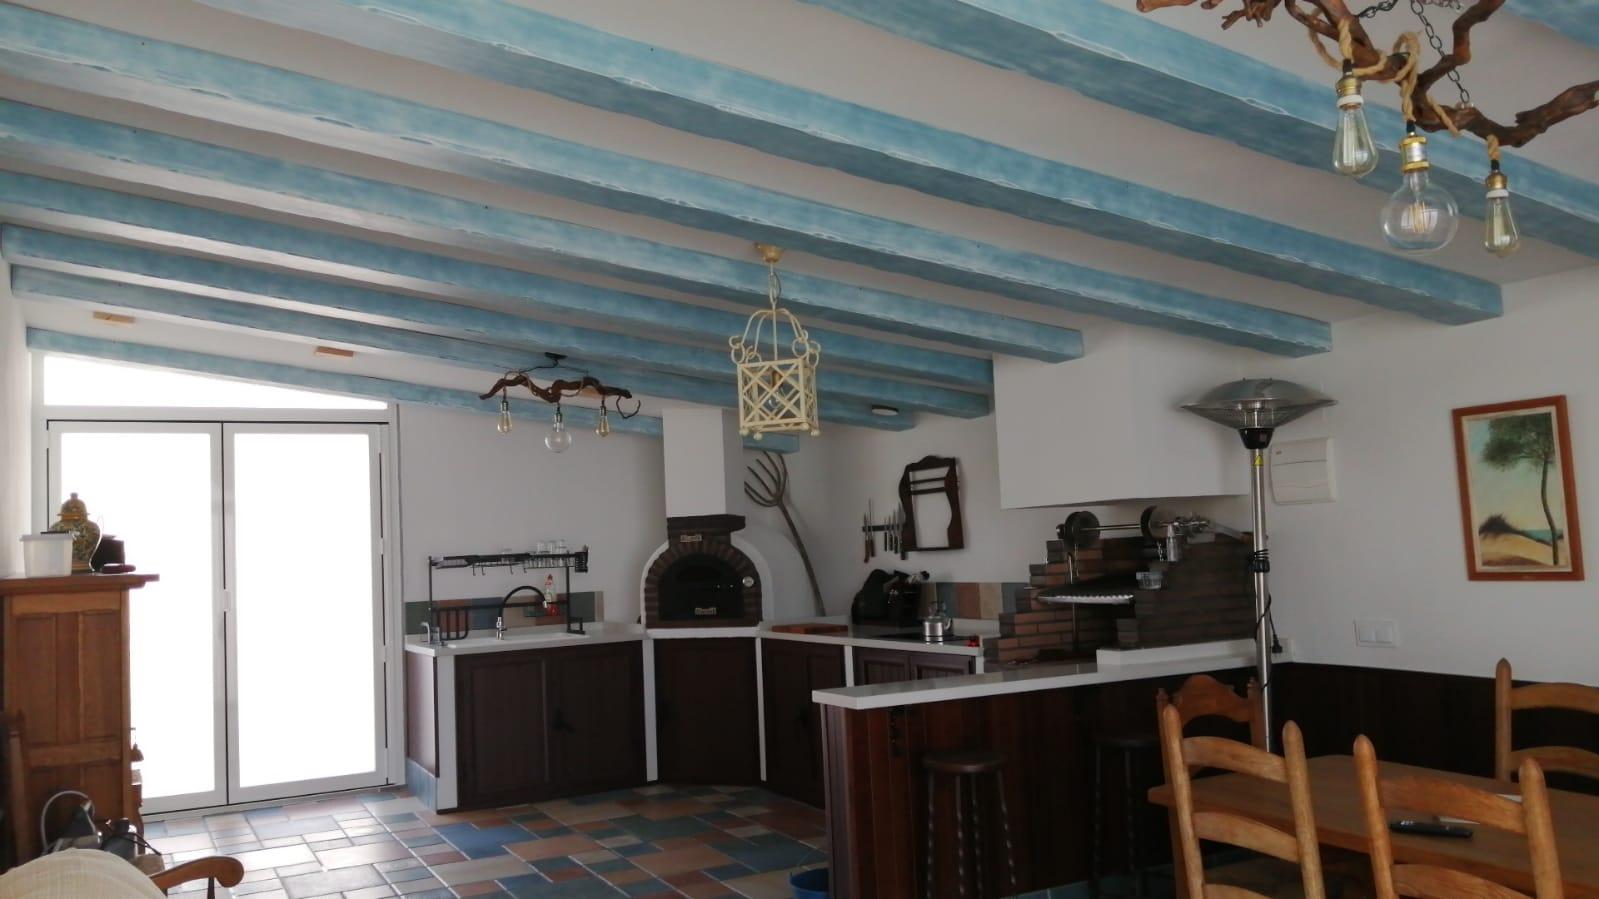 Vigas de techo envejecidas y forrado de pared: ¡personaliza tu casa!